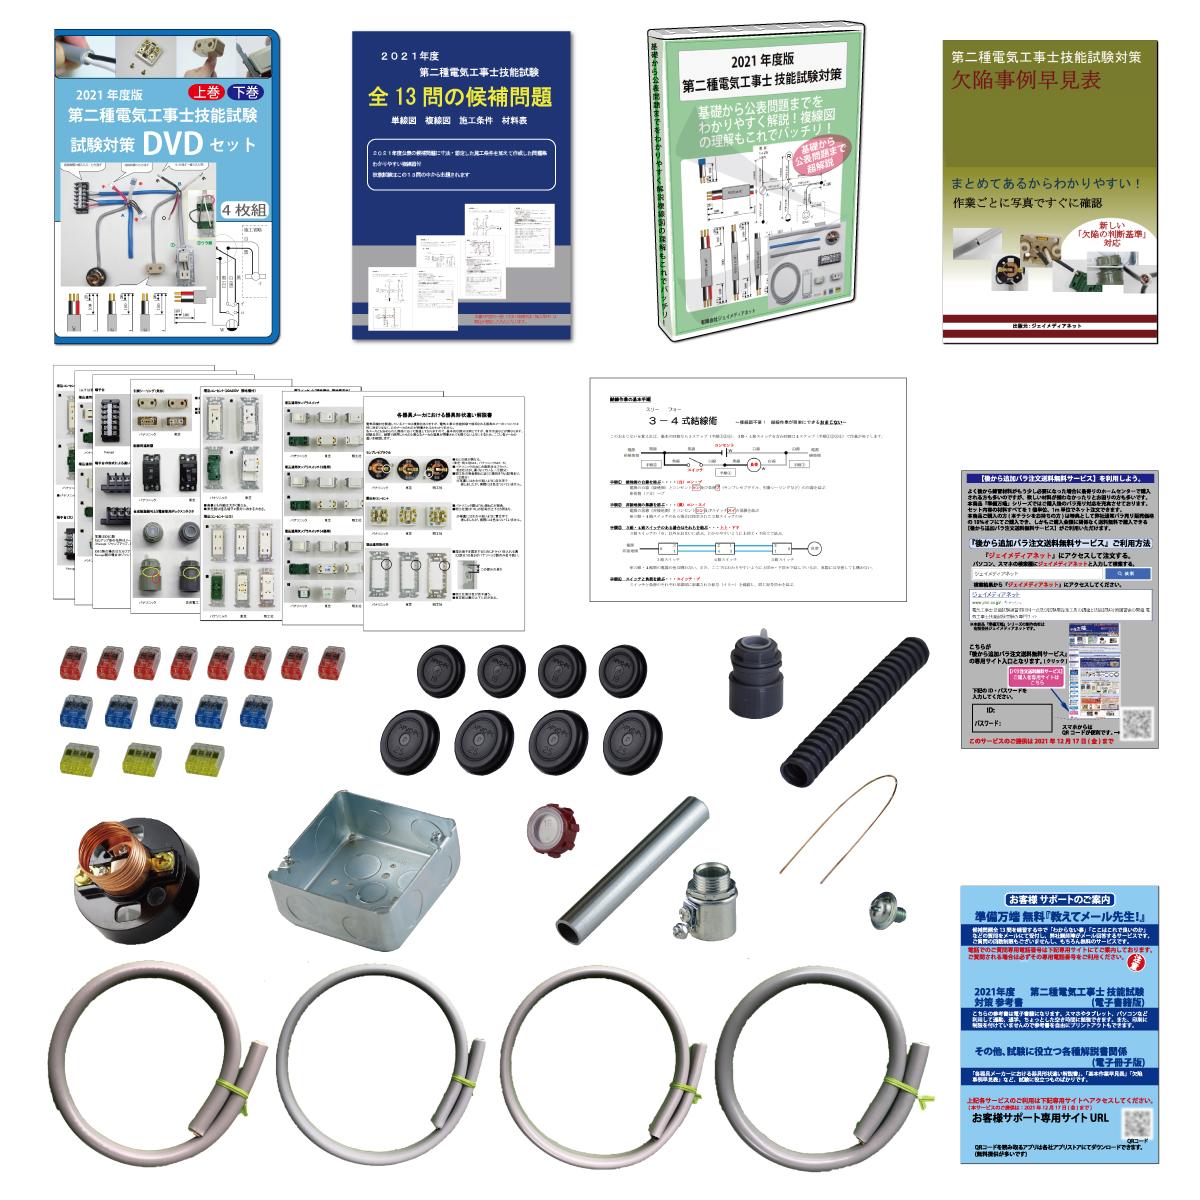 (入手しにくい器具電線セット・対策DVD・参考書・わからないことが聞けるアフターサポート) 第二種電気工事士技能試験セット (2021年度版)